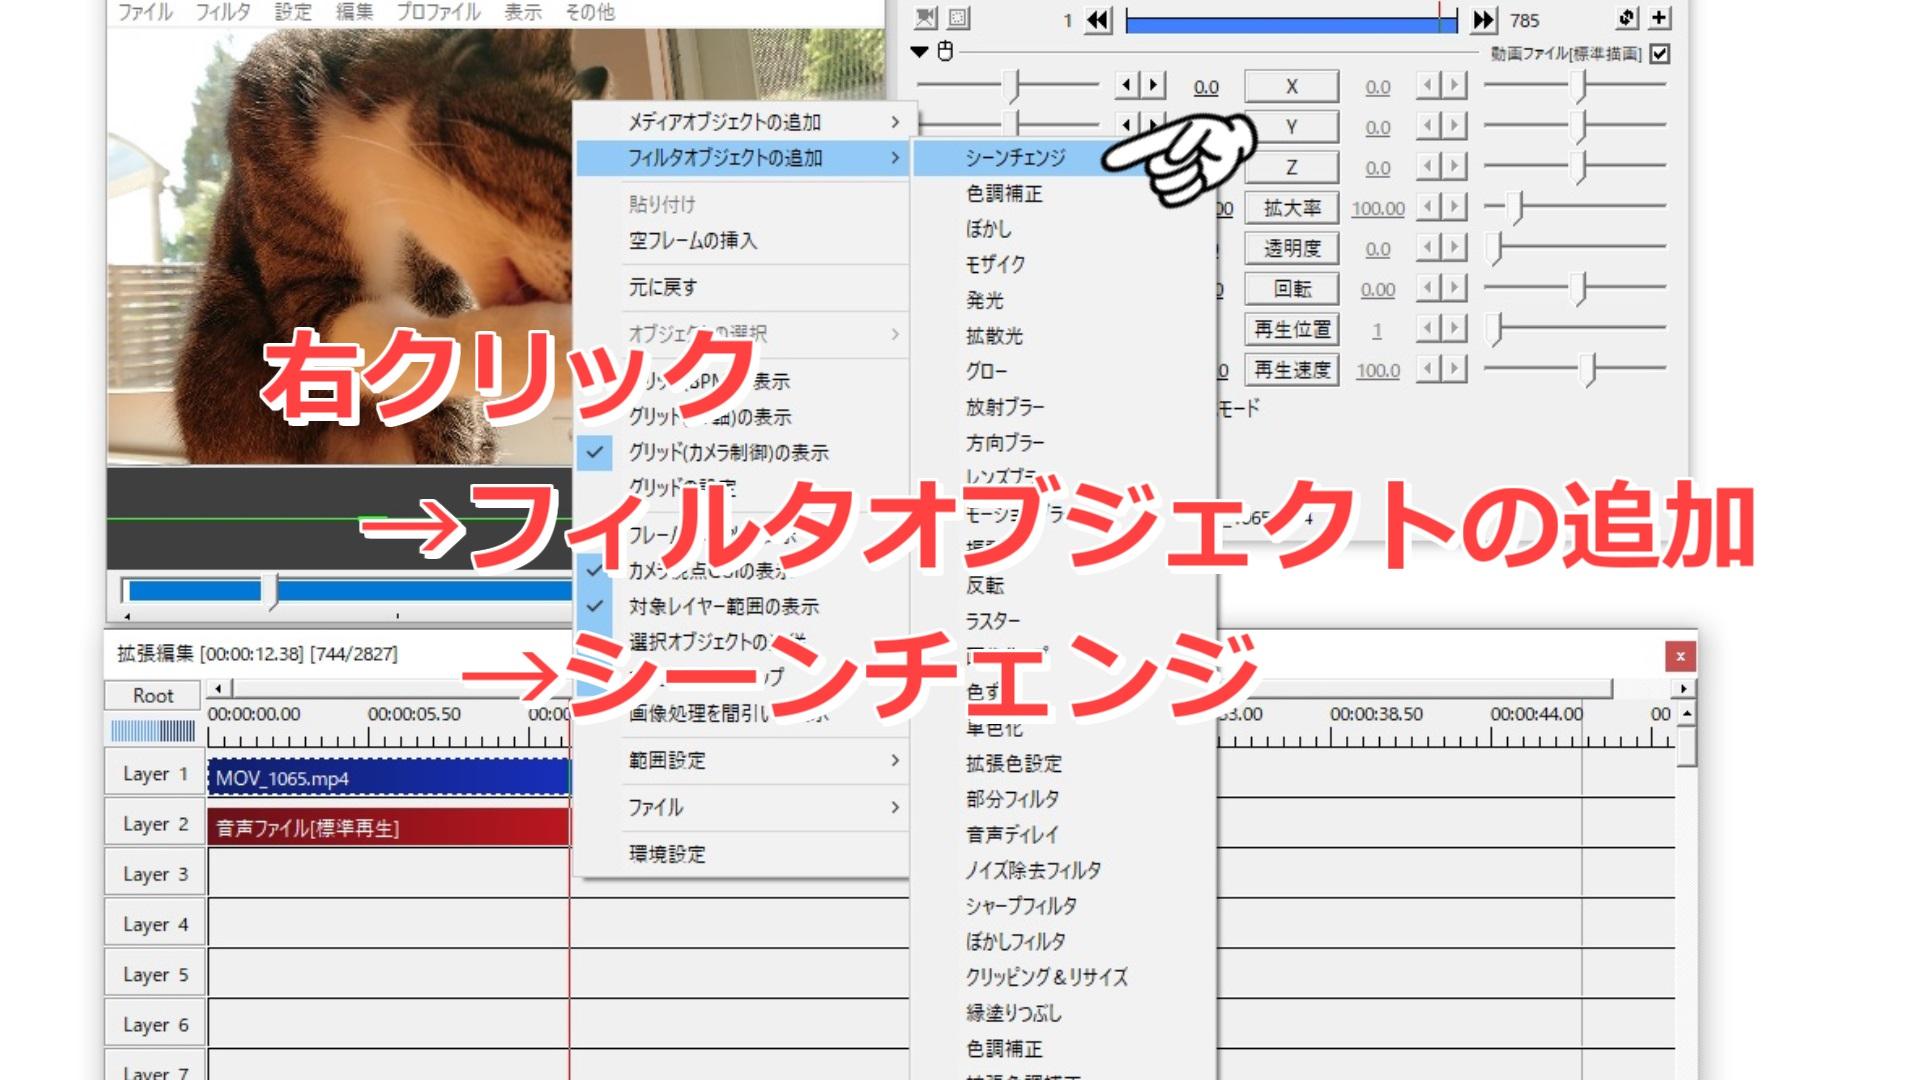 右クリック→フィルタオブジェクトの追加→シーンチェンジを選択